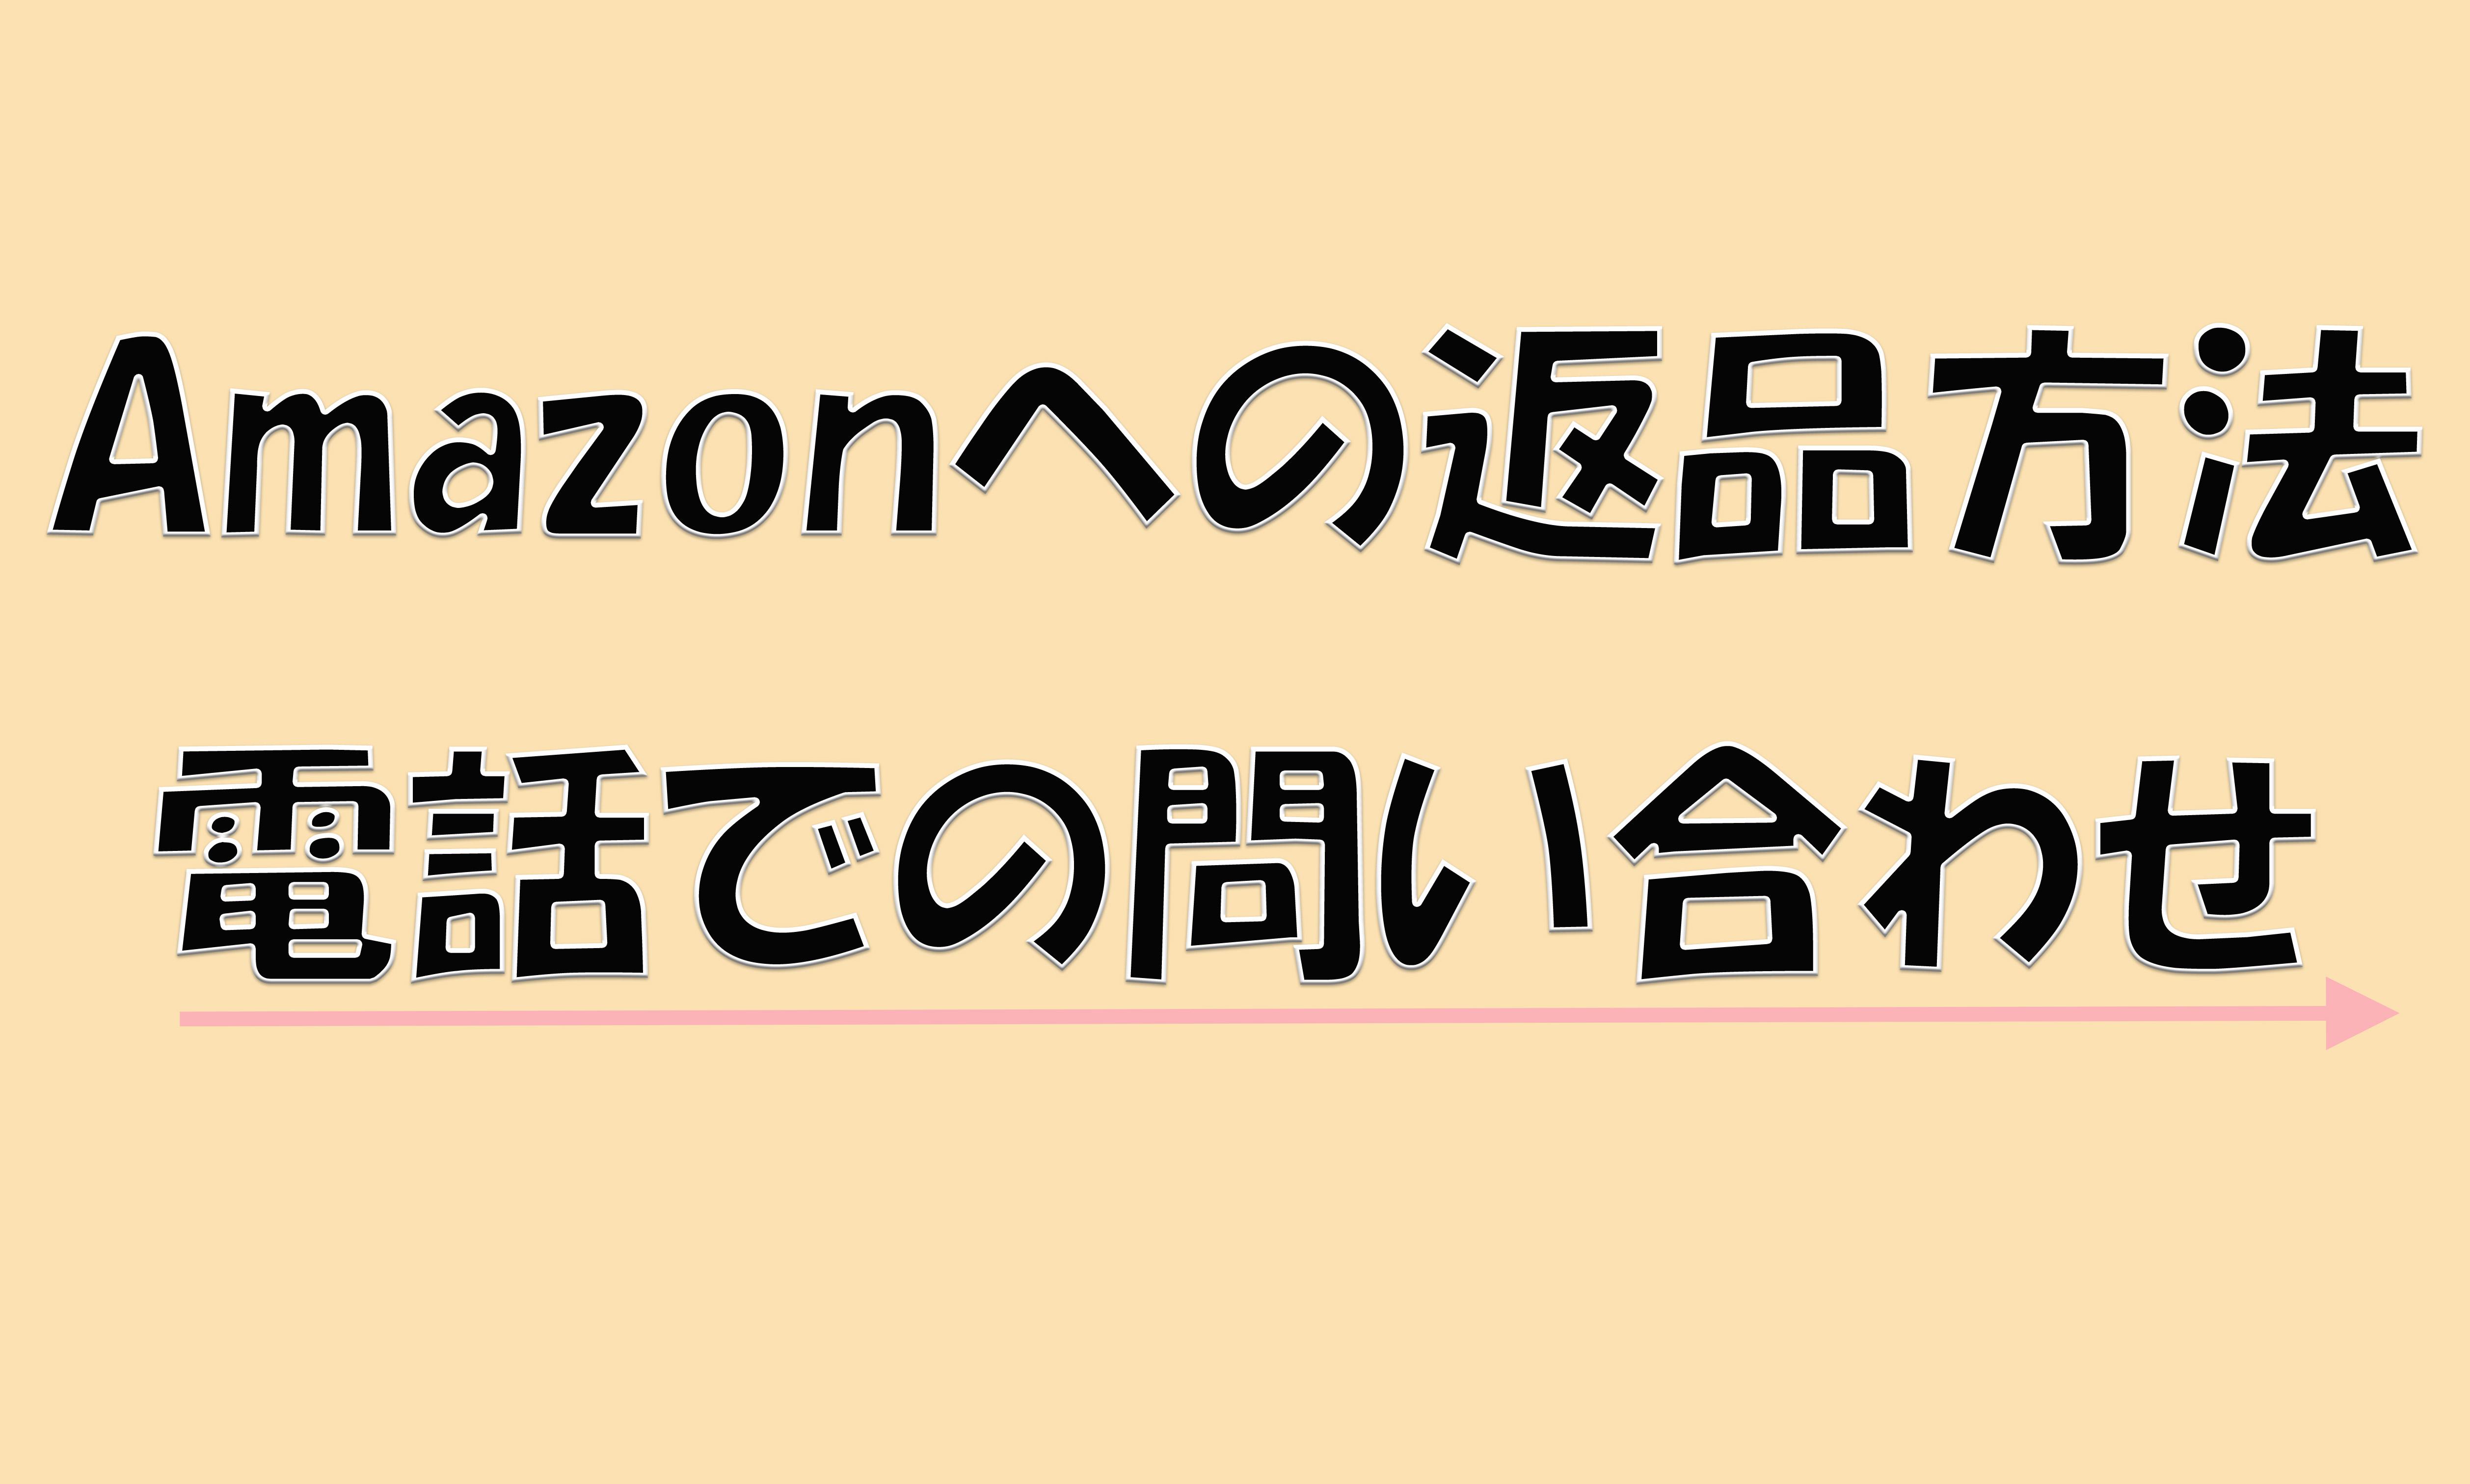 Amazonでの返品方法は?受付idや印刷しないやり方は?電話での返品方法